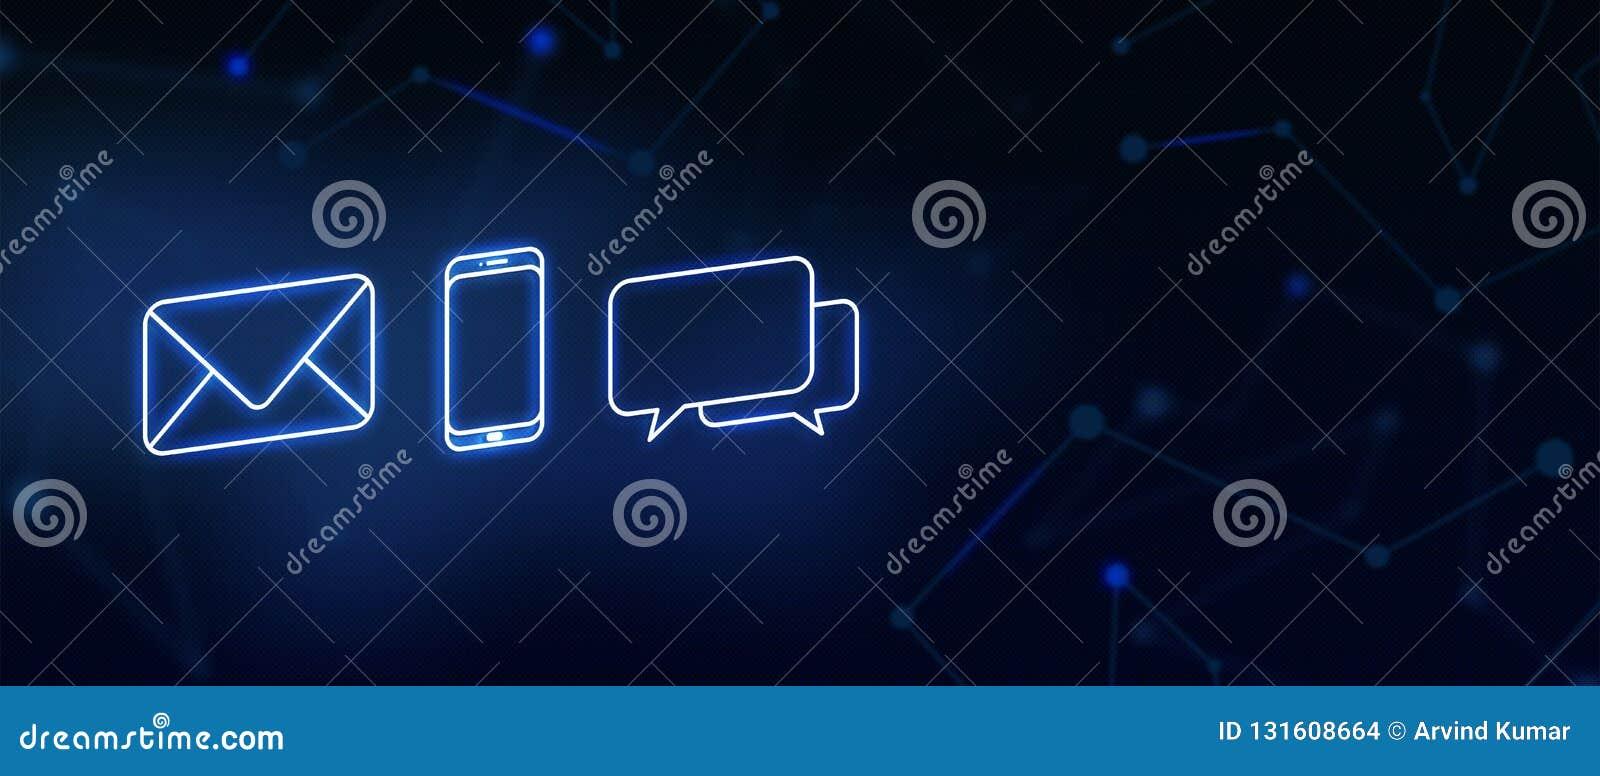 Kontaktuje się my, kontakt, emaila kontakt, wezwanie, wiadomość, ląduje stronę, tło, okładkowa strona, ikona